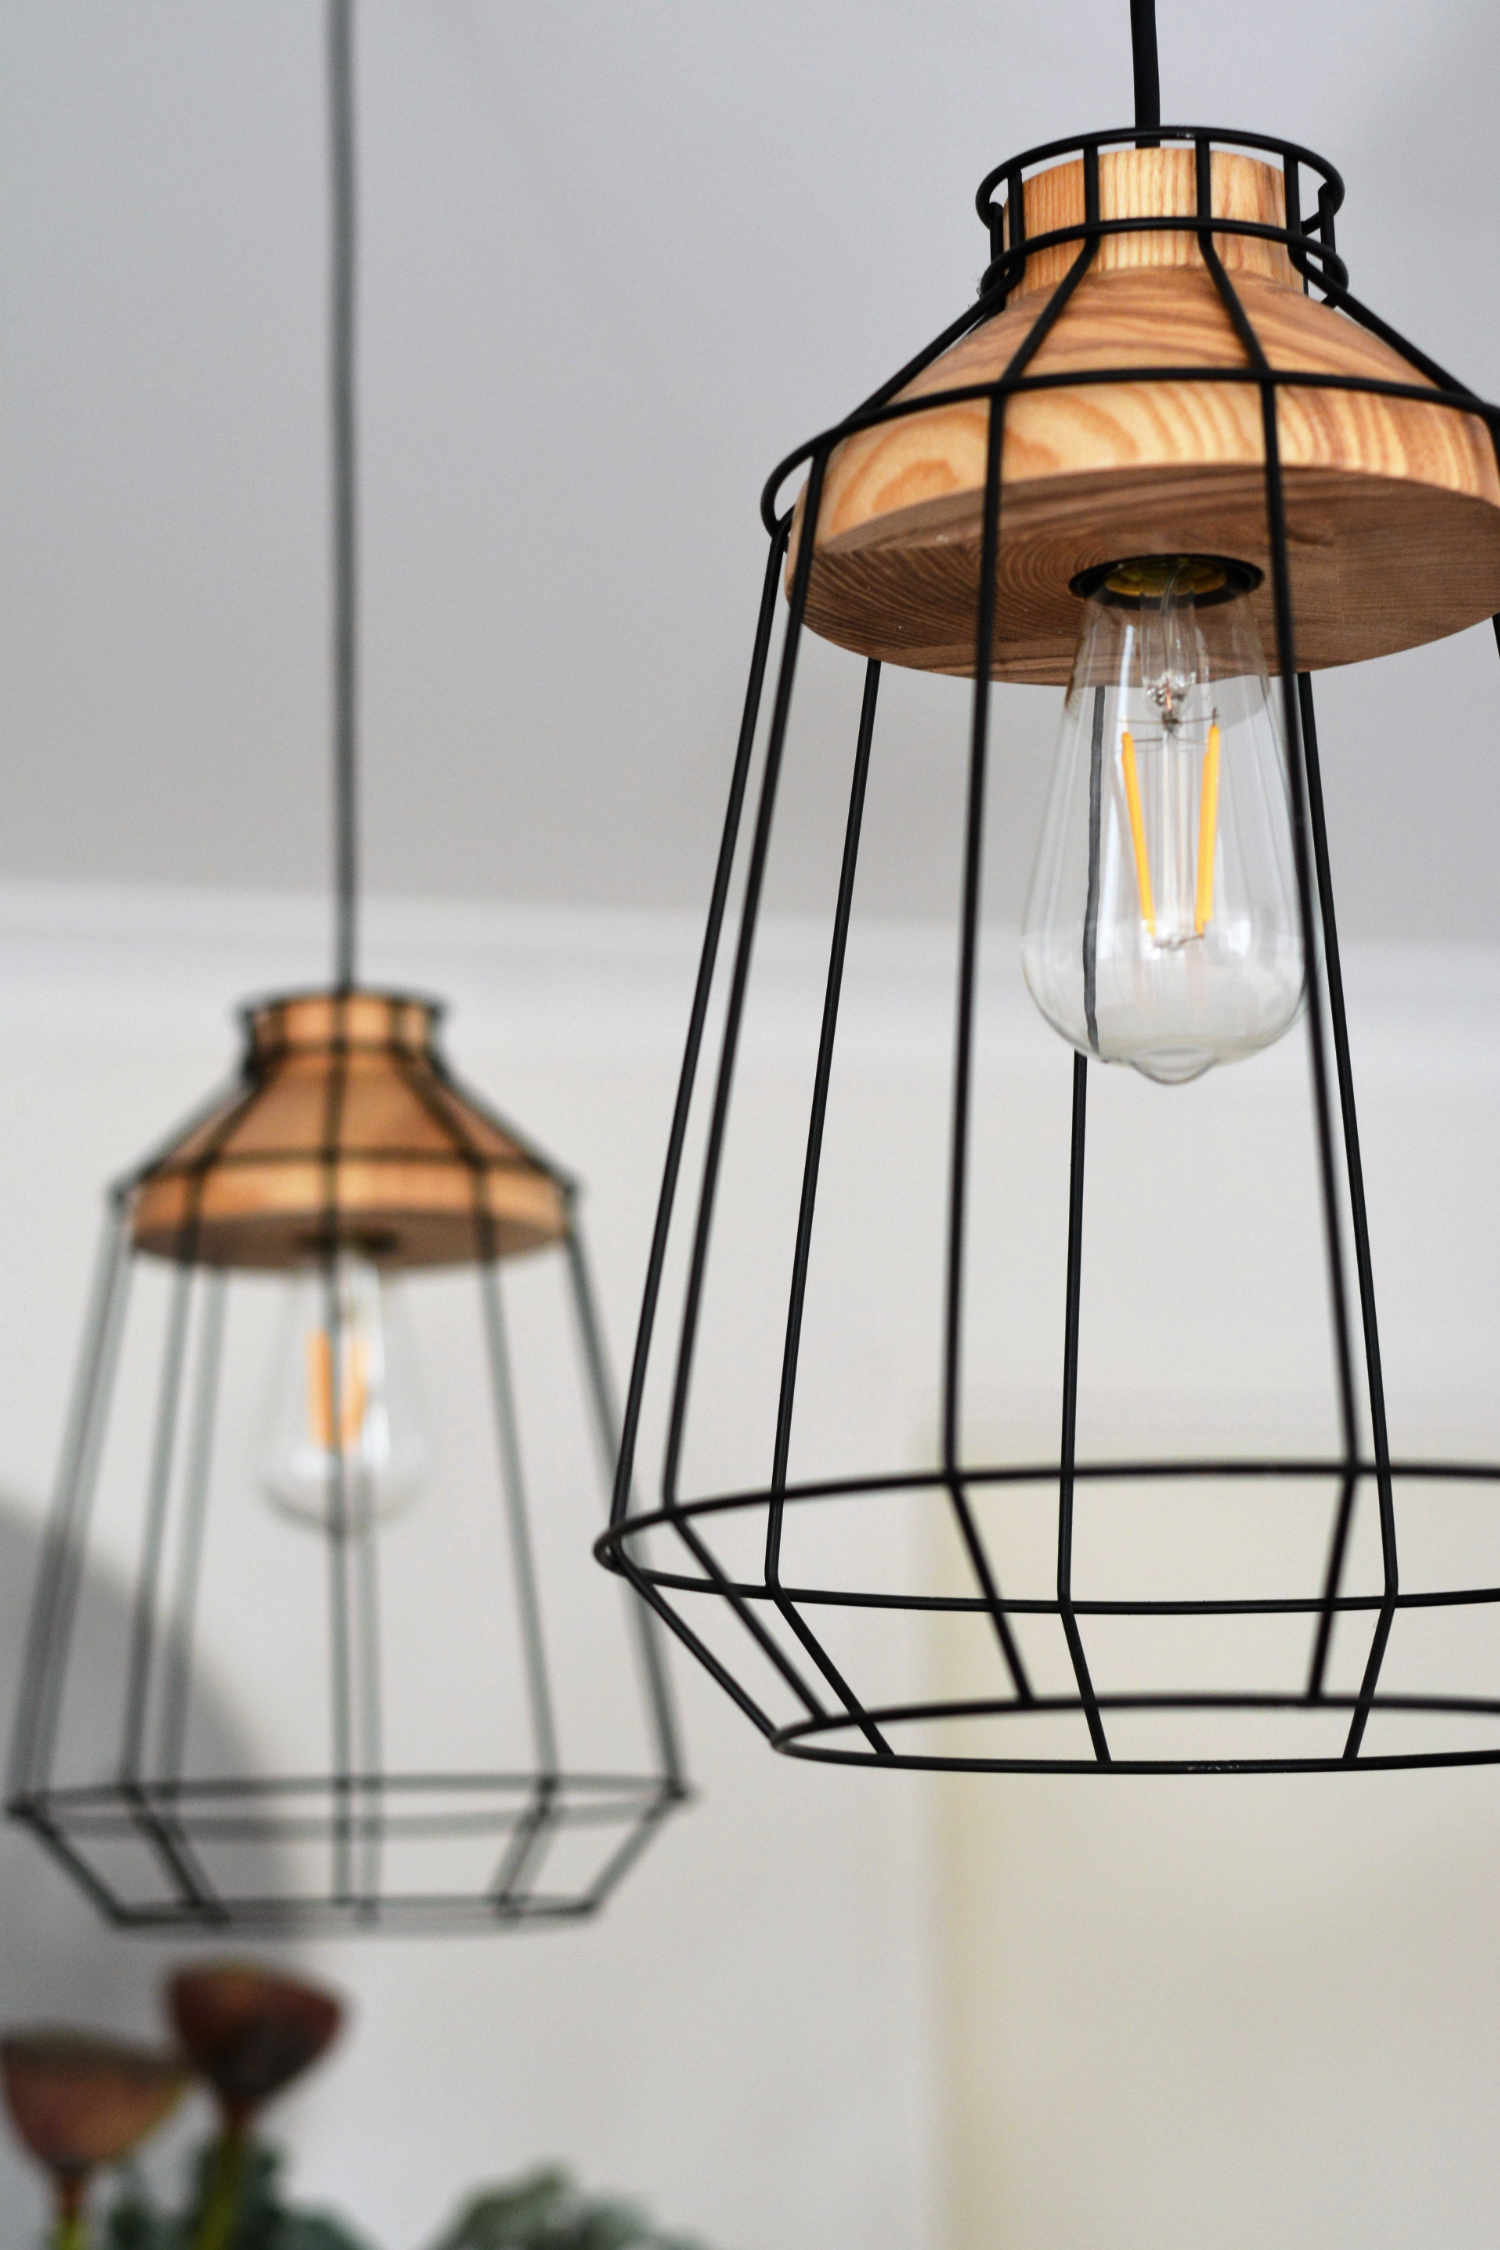 designer_lighting_1500.jpg